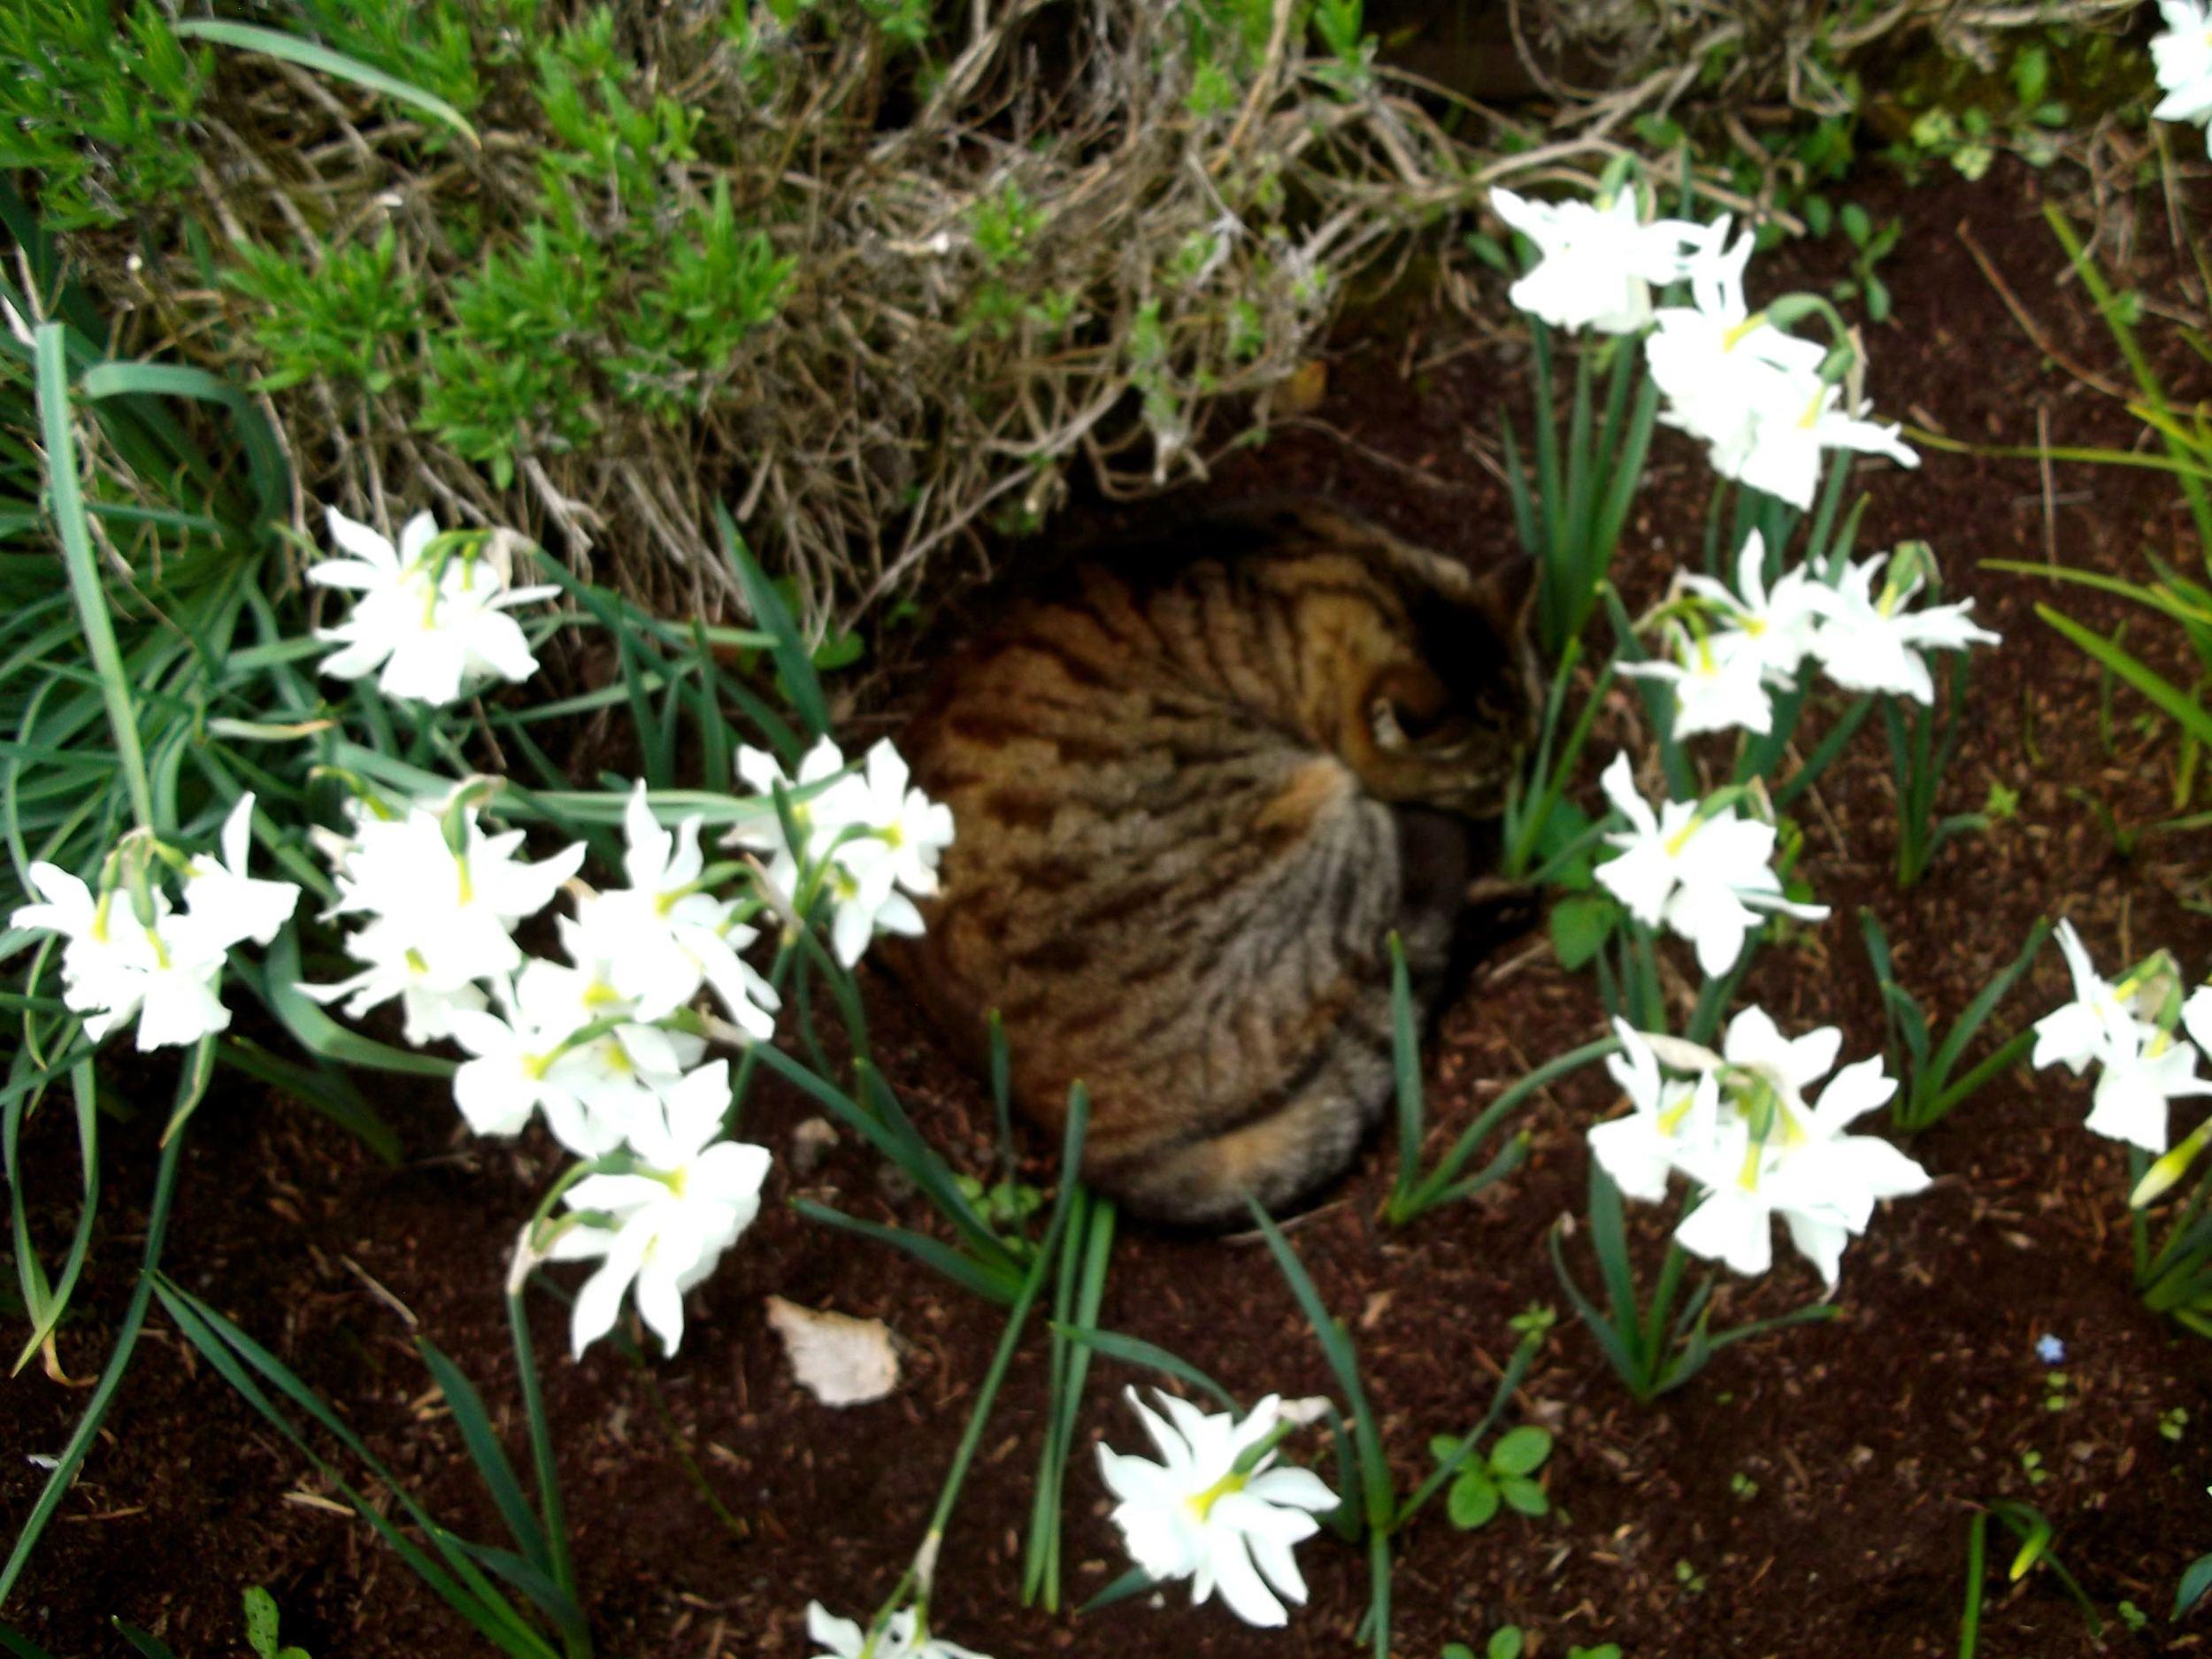 Standen_sleeping_cat.jpg